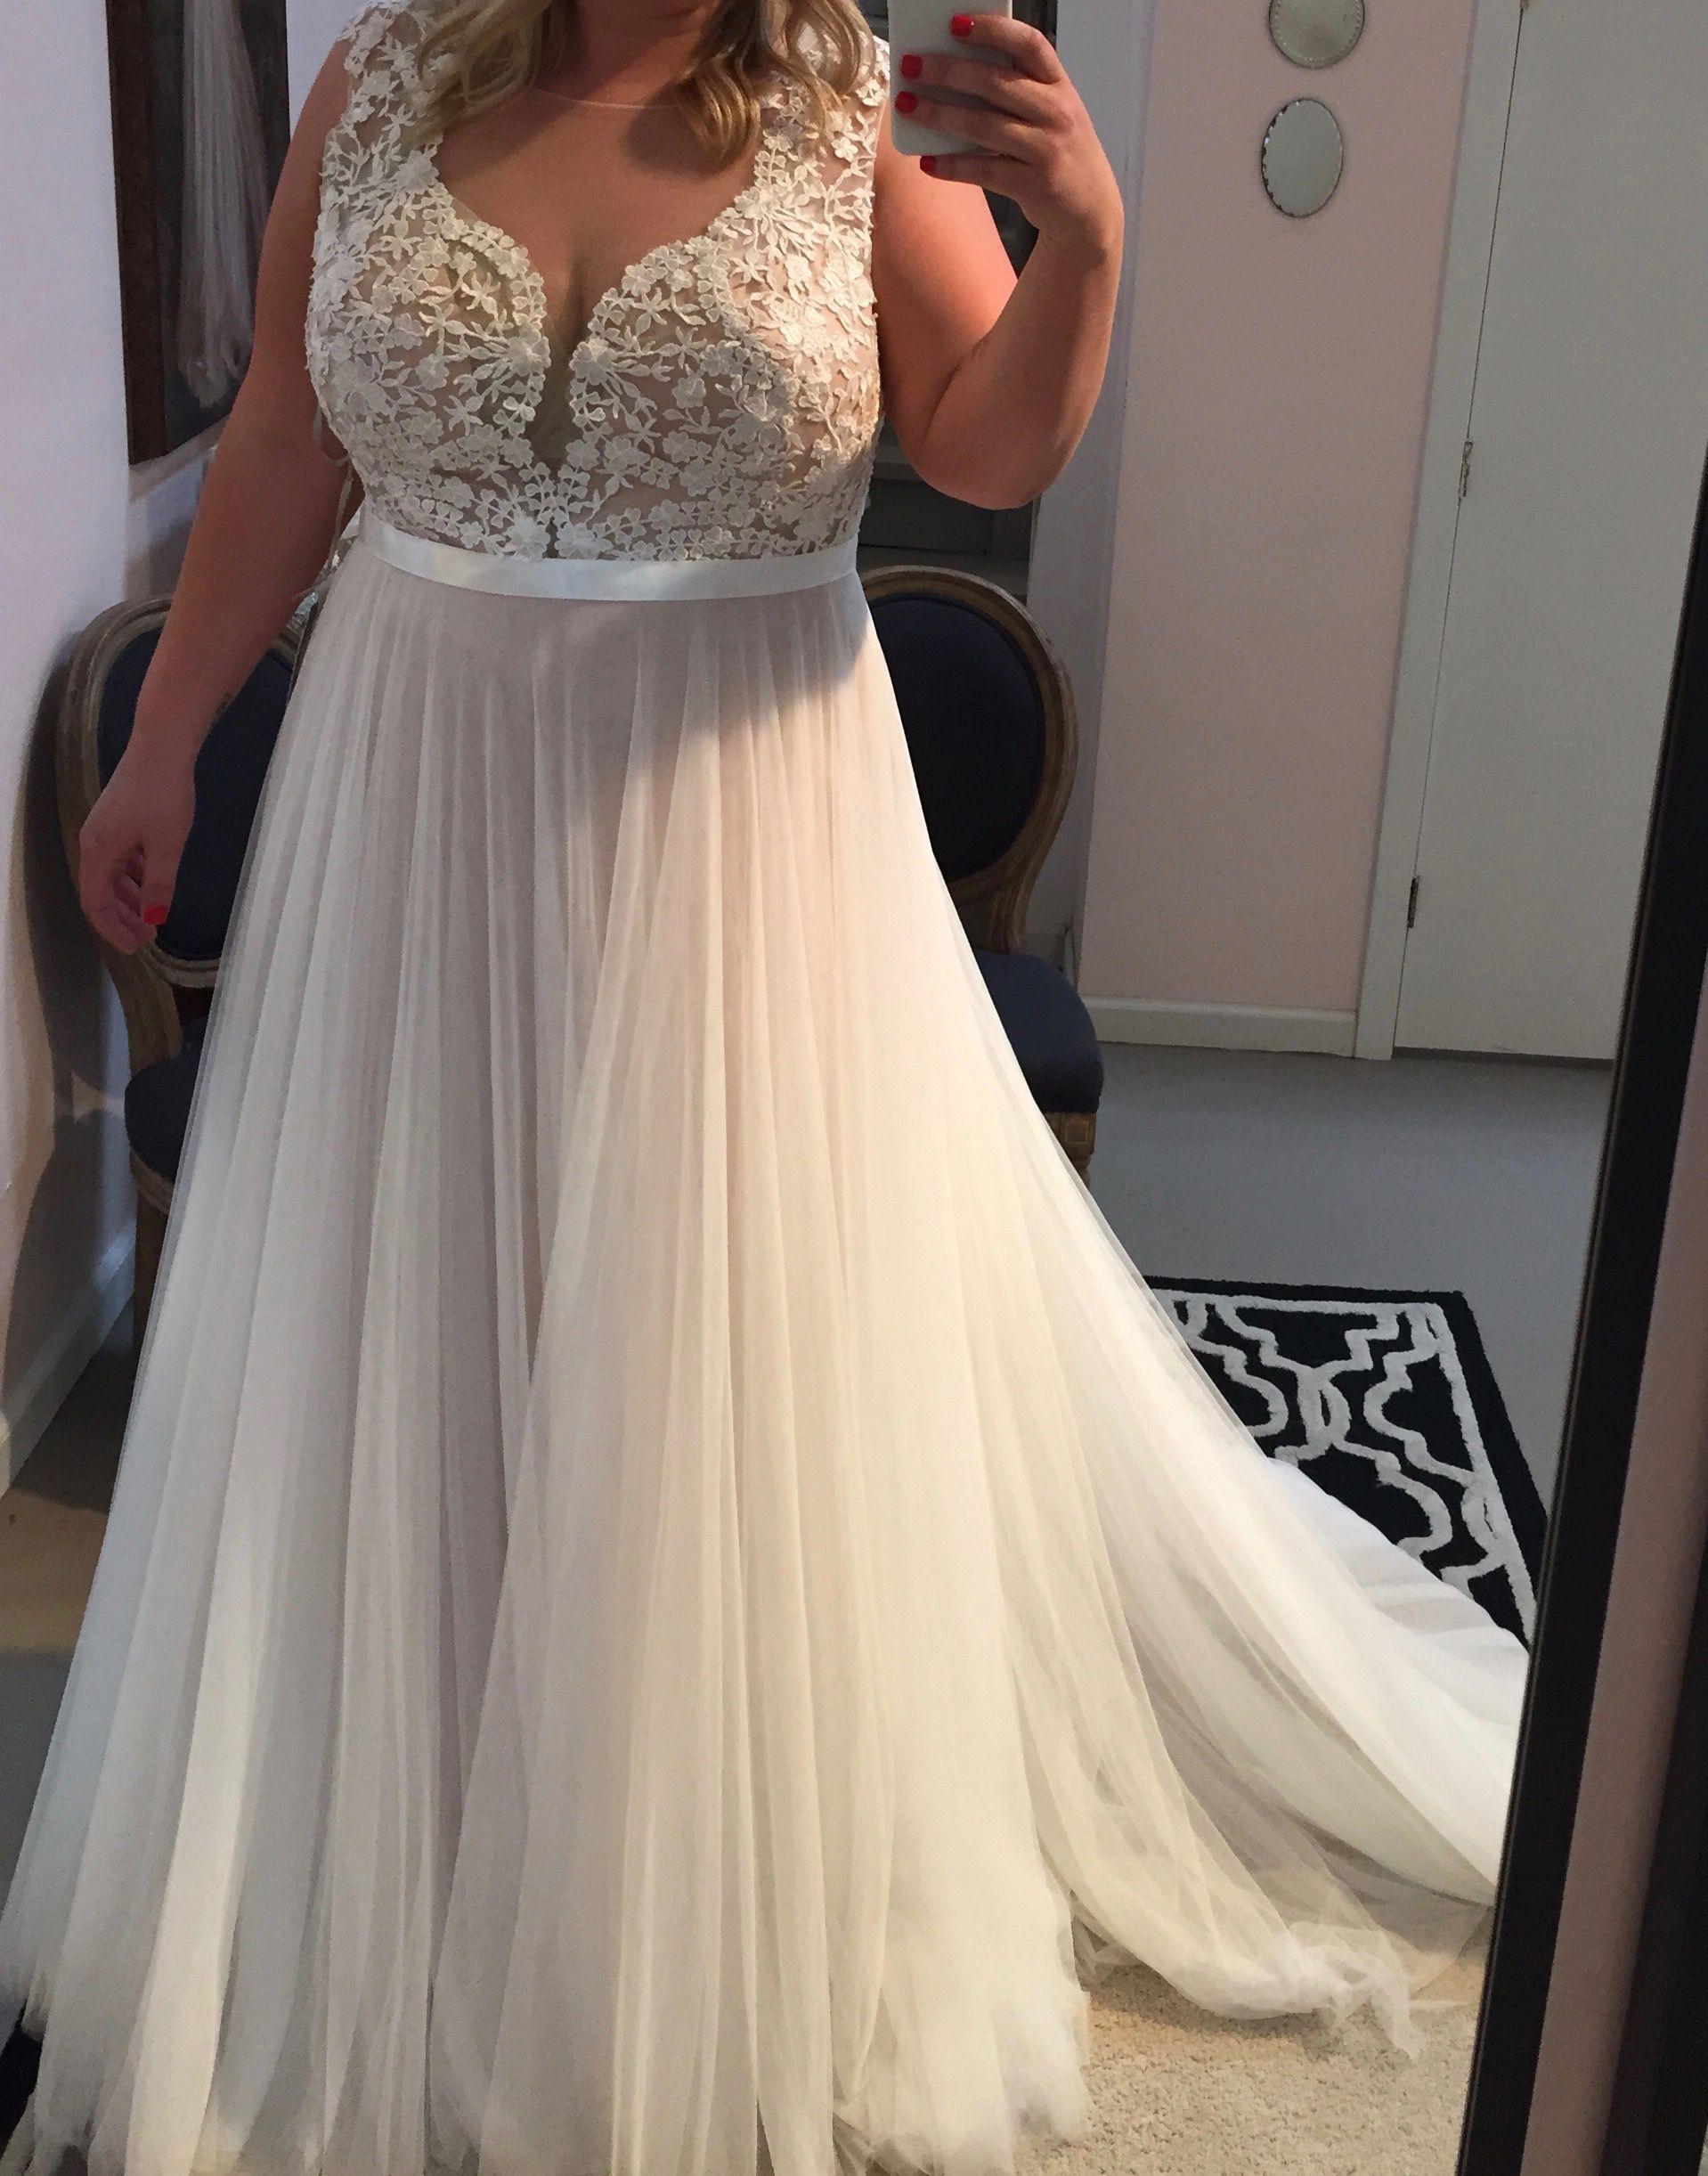 Plus size wedding dress,beach wedding dress Wedding